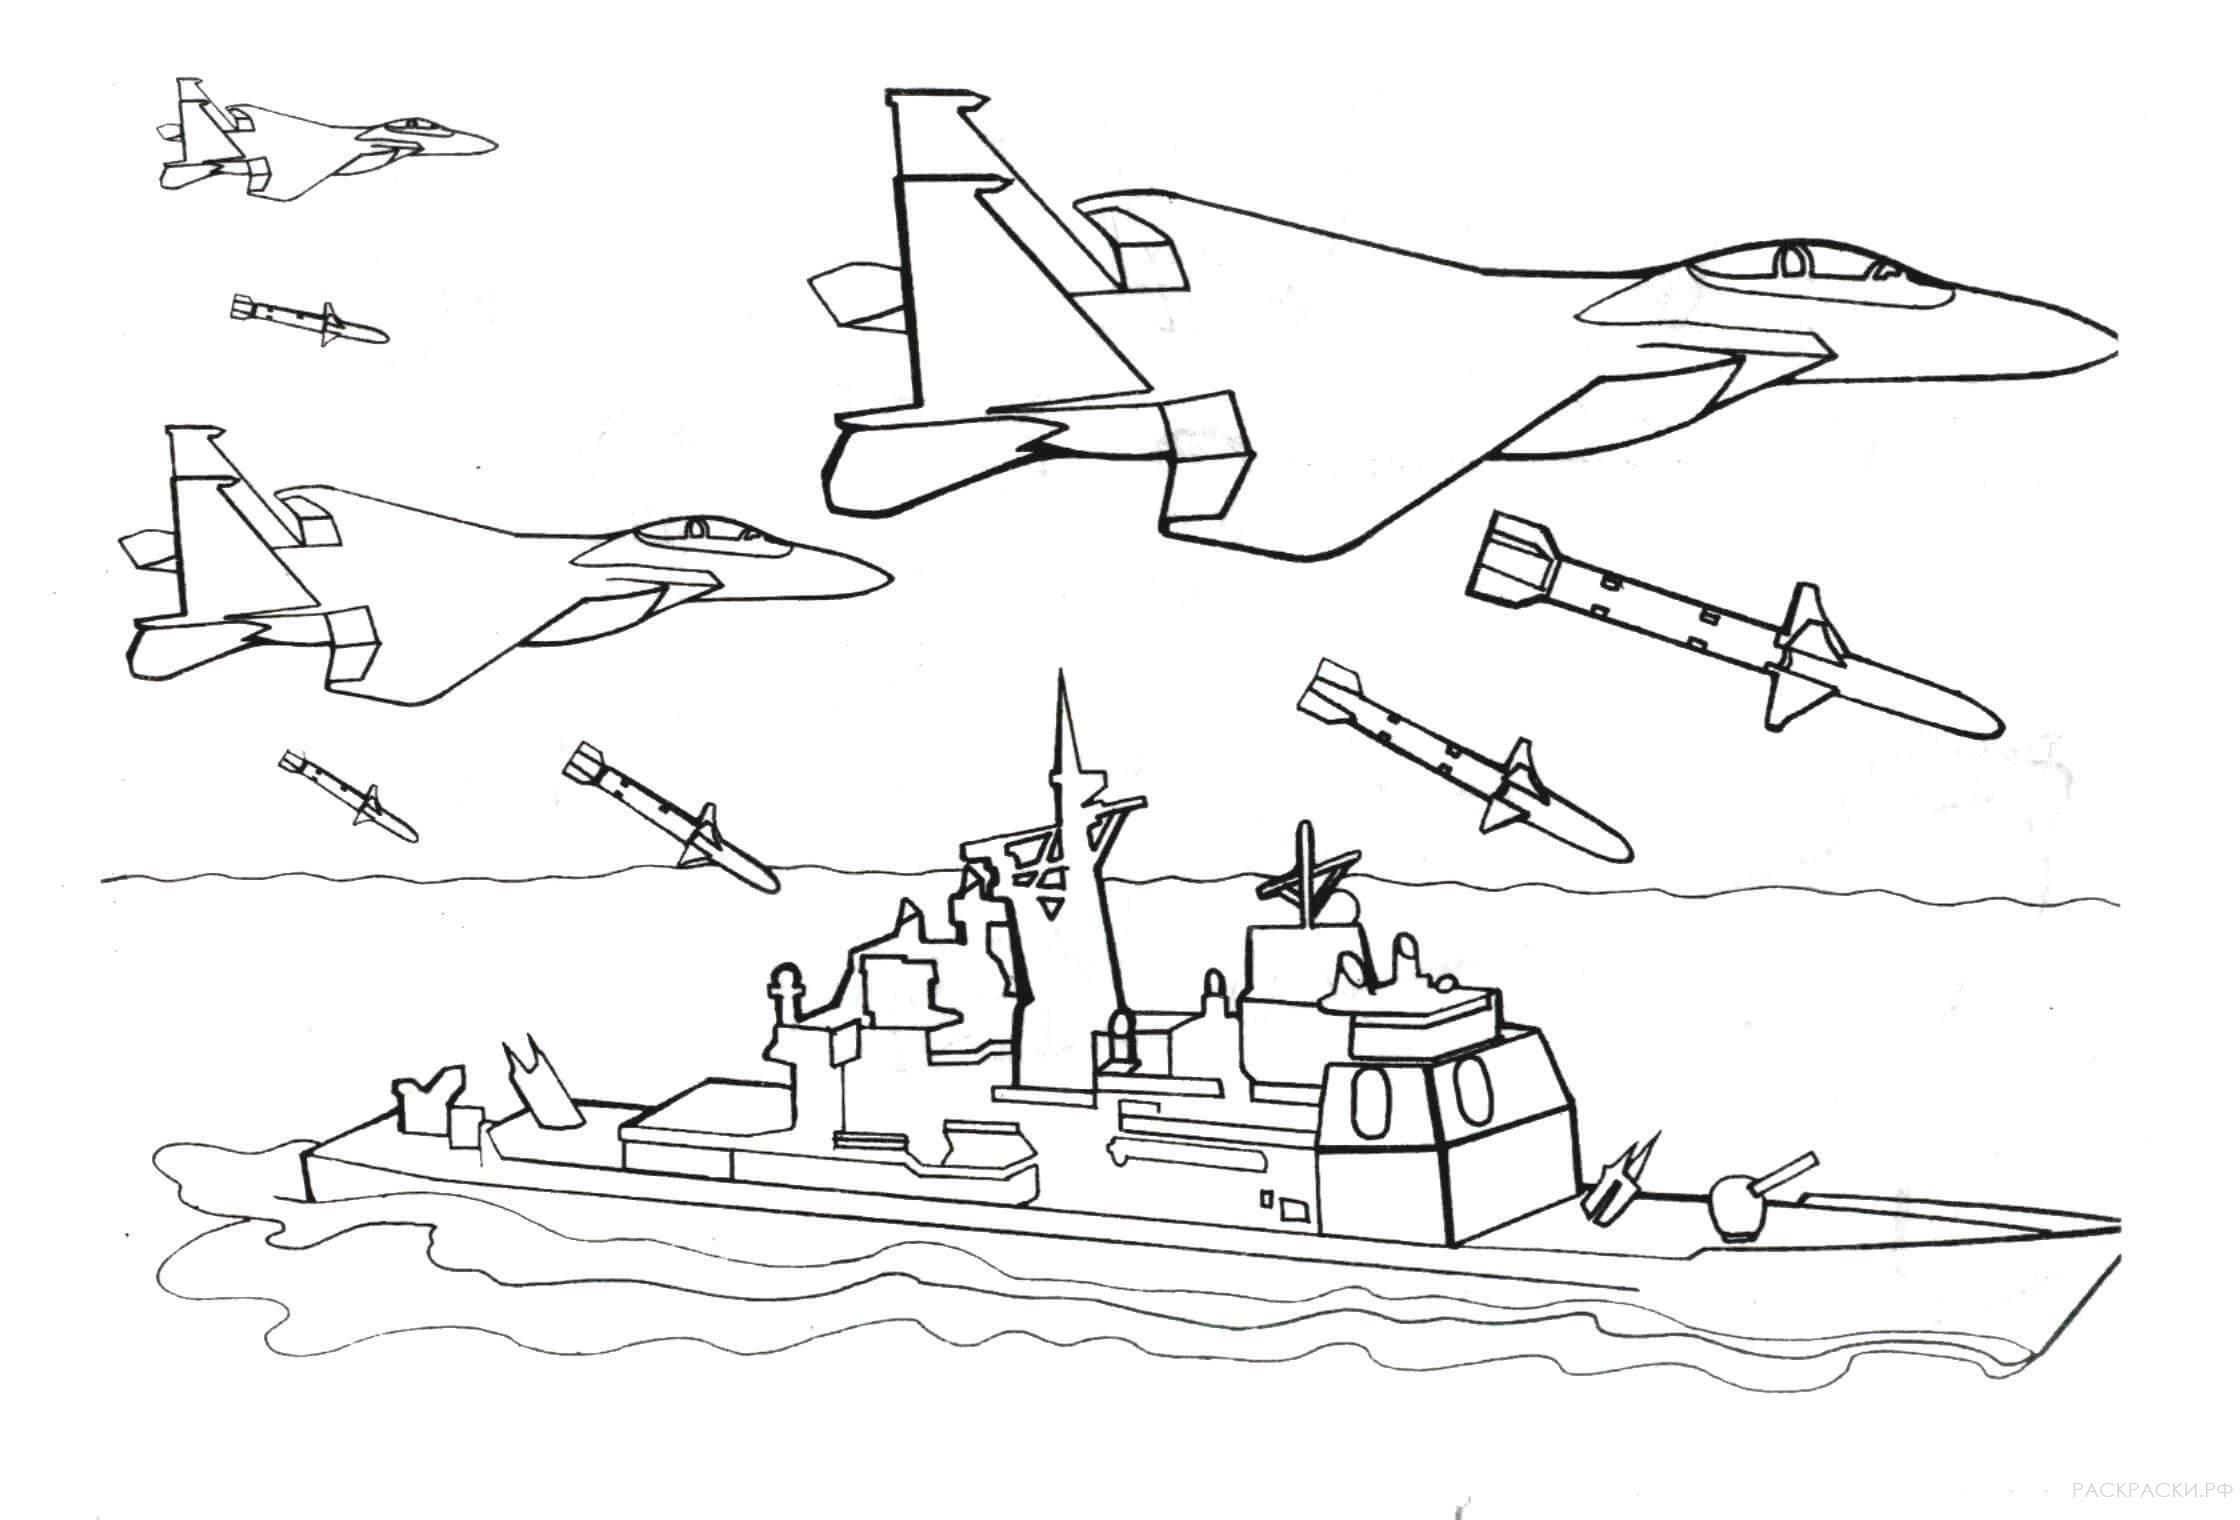 Раскраска Самолёты атакуют корабль